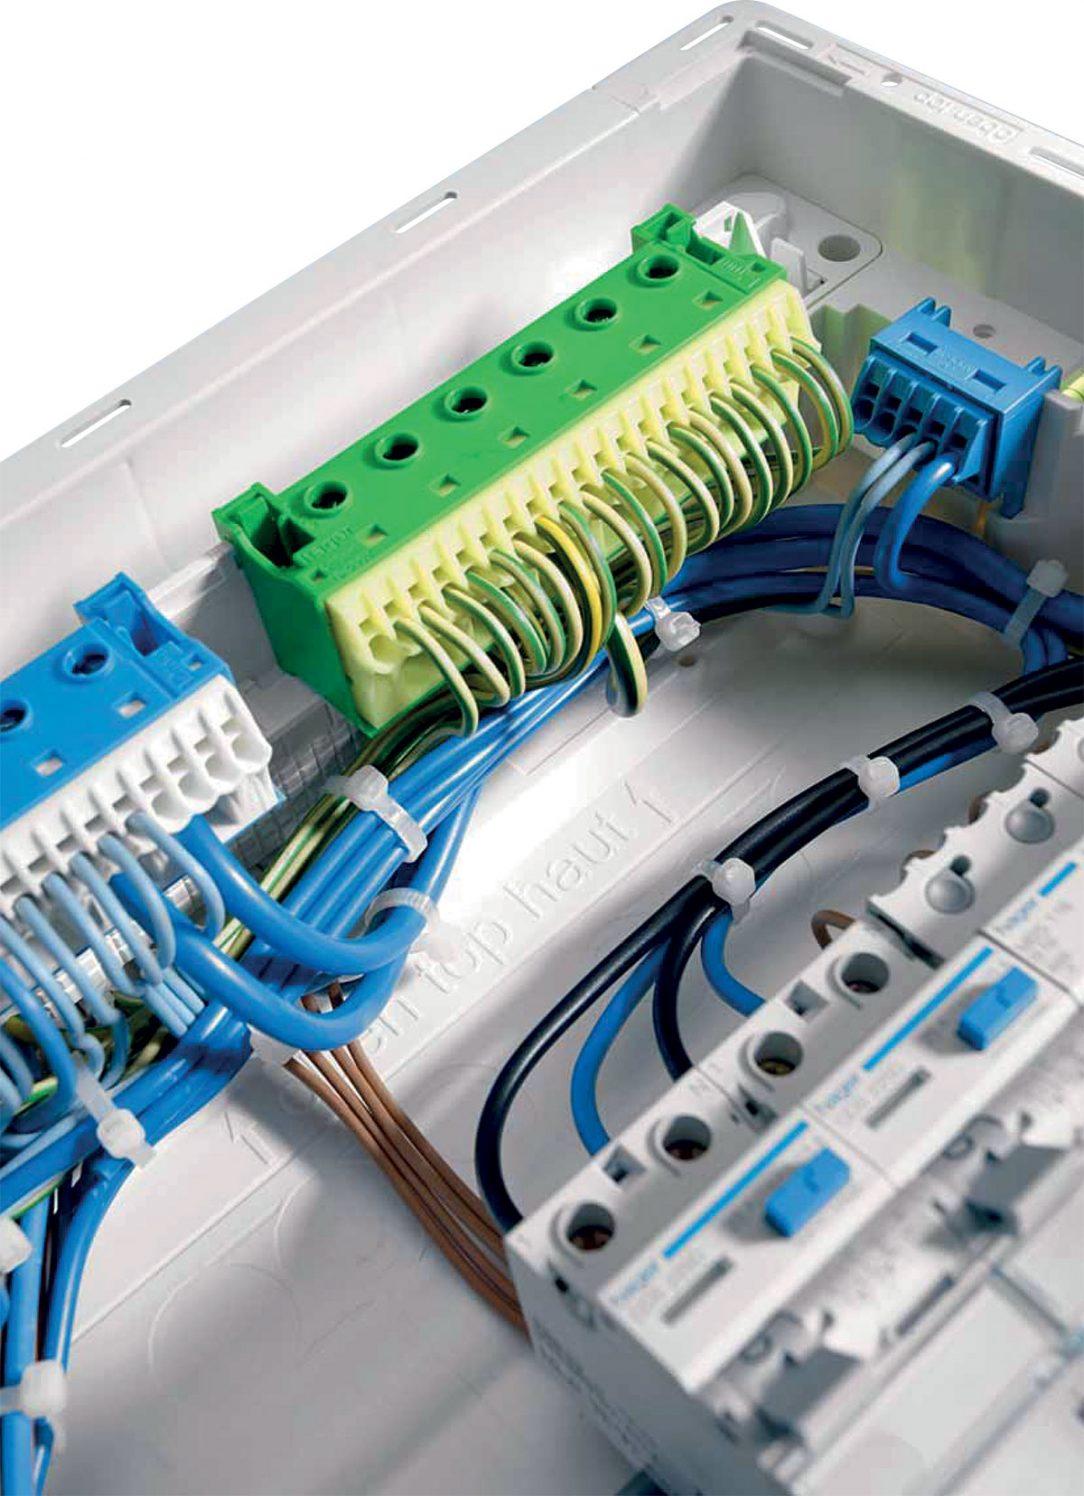 Bezšroubové PE/N svorkovnice pro bezšroubové připojení vodičů do průřezu 4 mm2. PE/N svorkovnice obsahuje šroubové svorky pro vodiče až do průřezu 25 mm2.